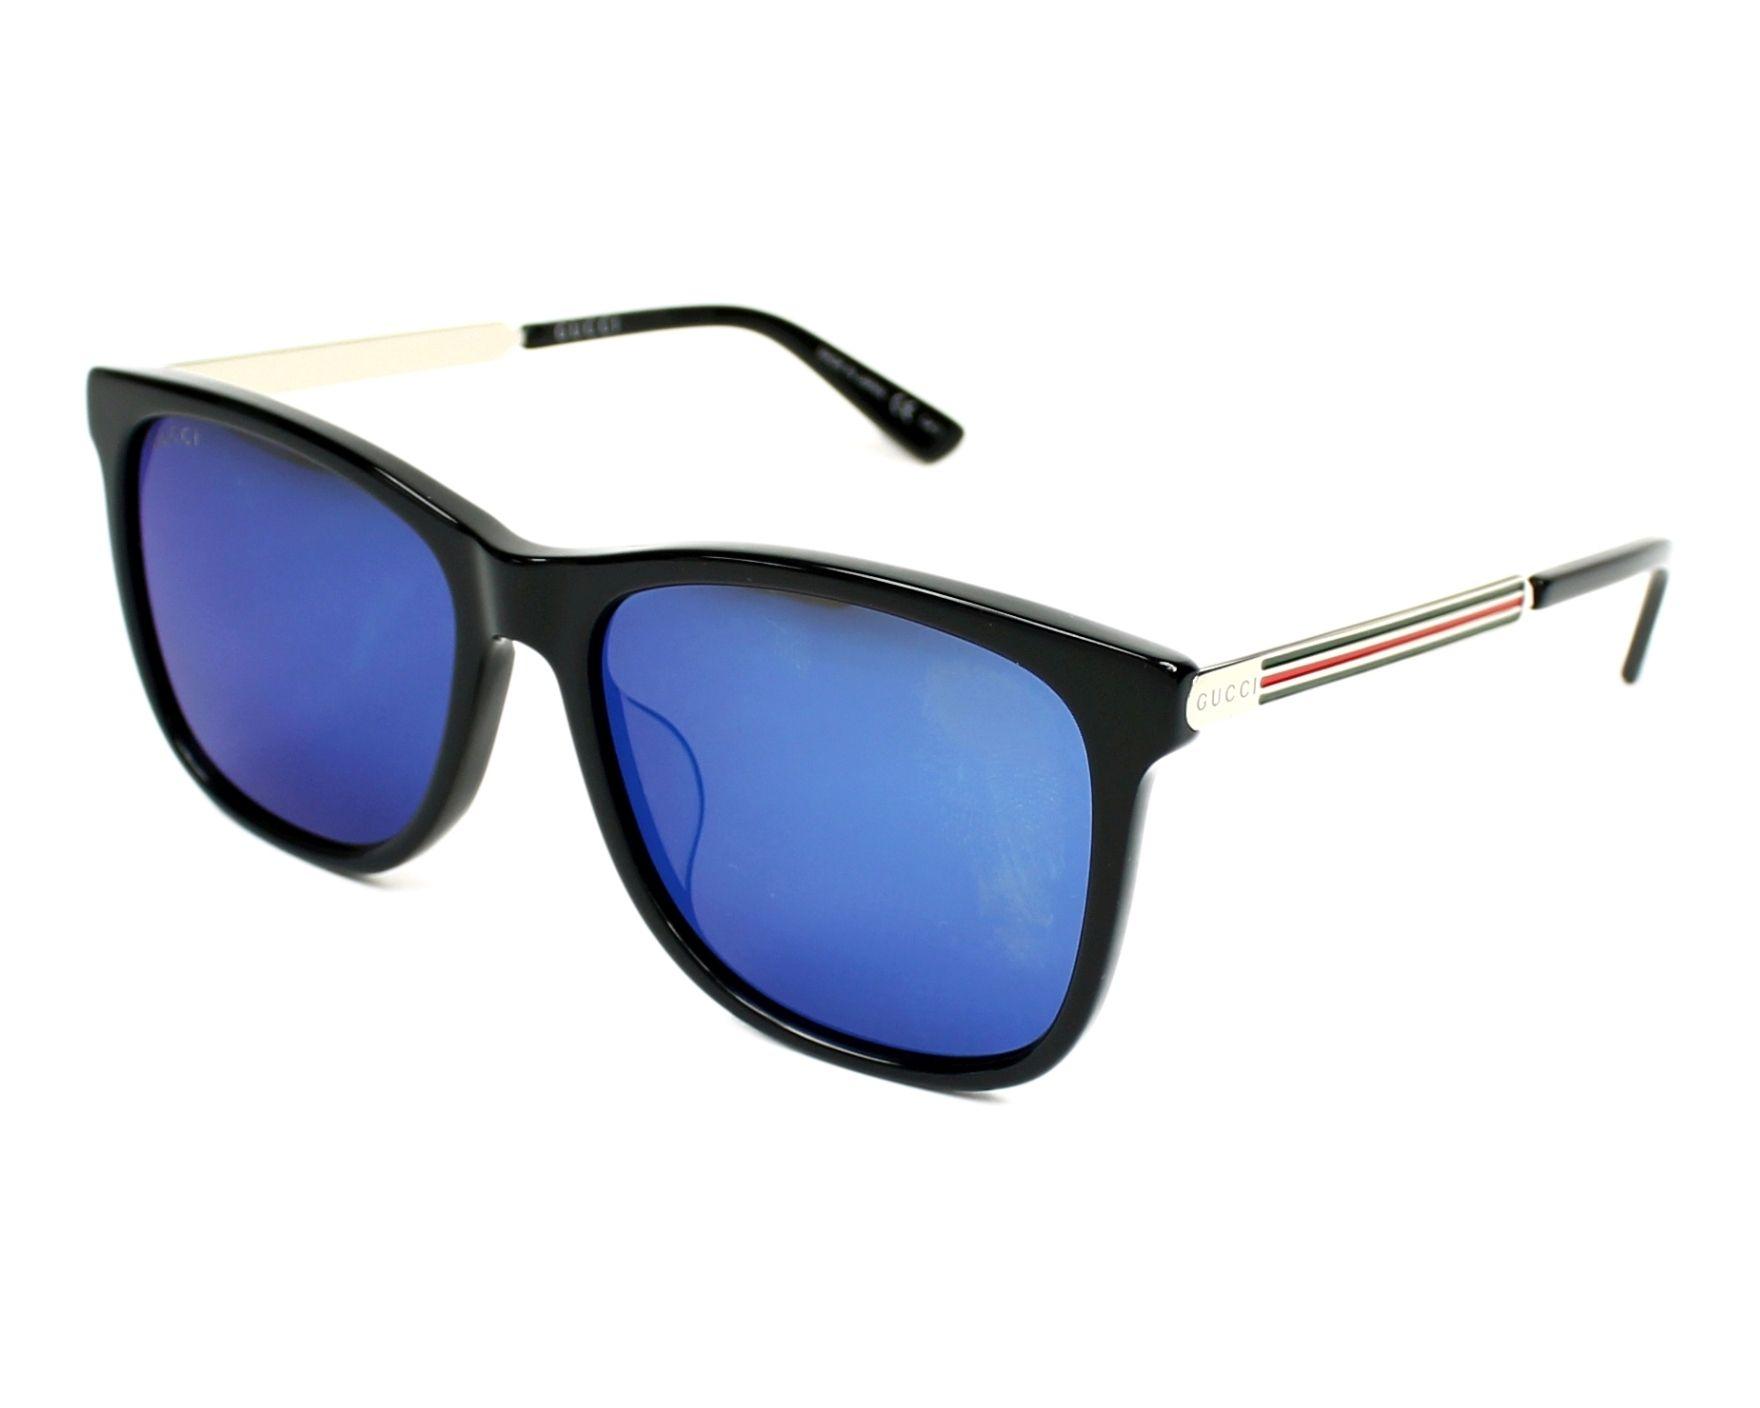 Gucci Sunglasses GG-0078-SK 001 56 17 Black Silver 1026d567ab